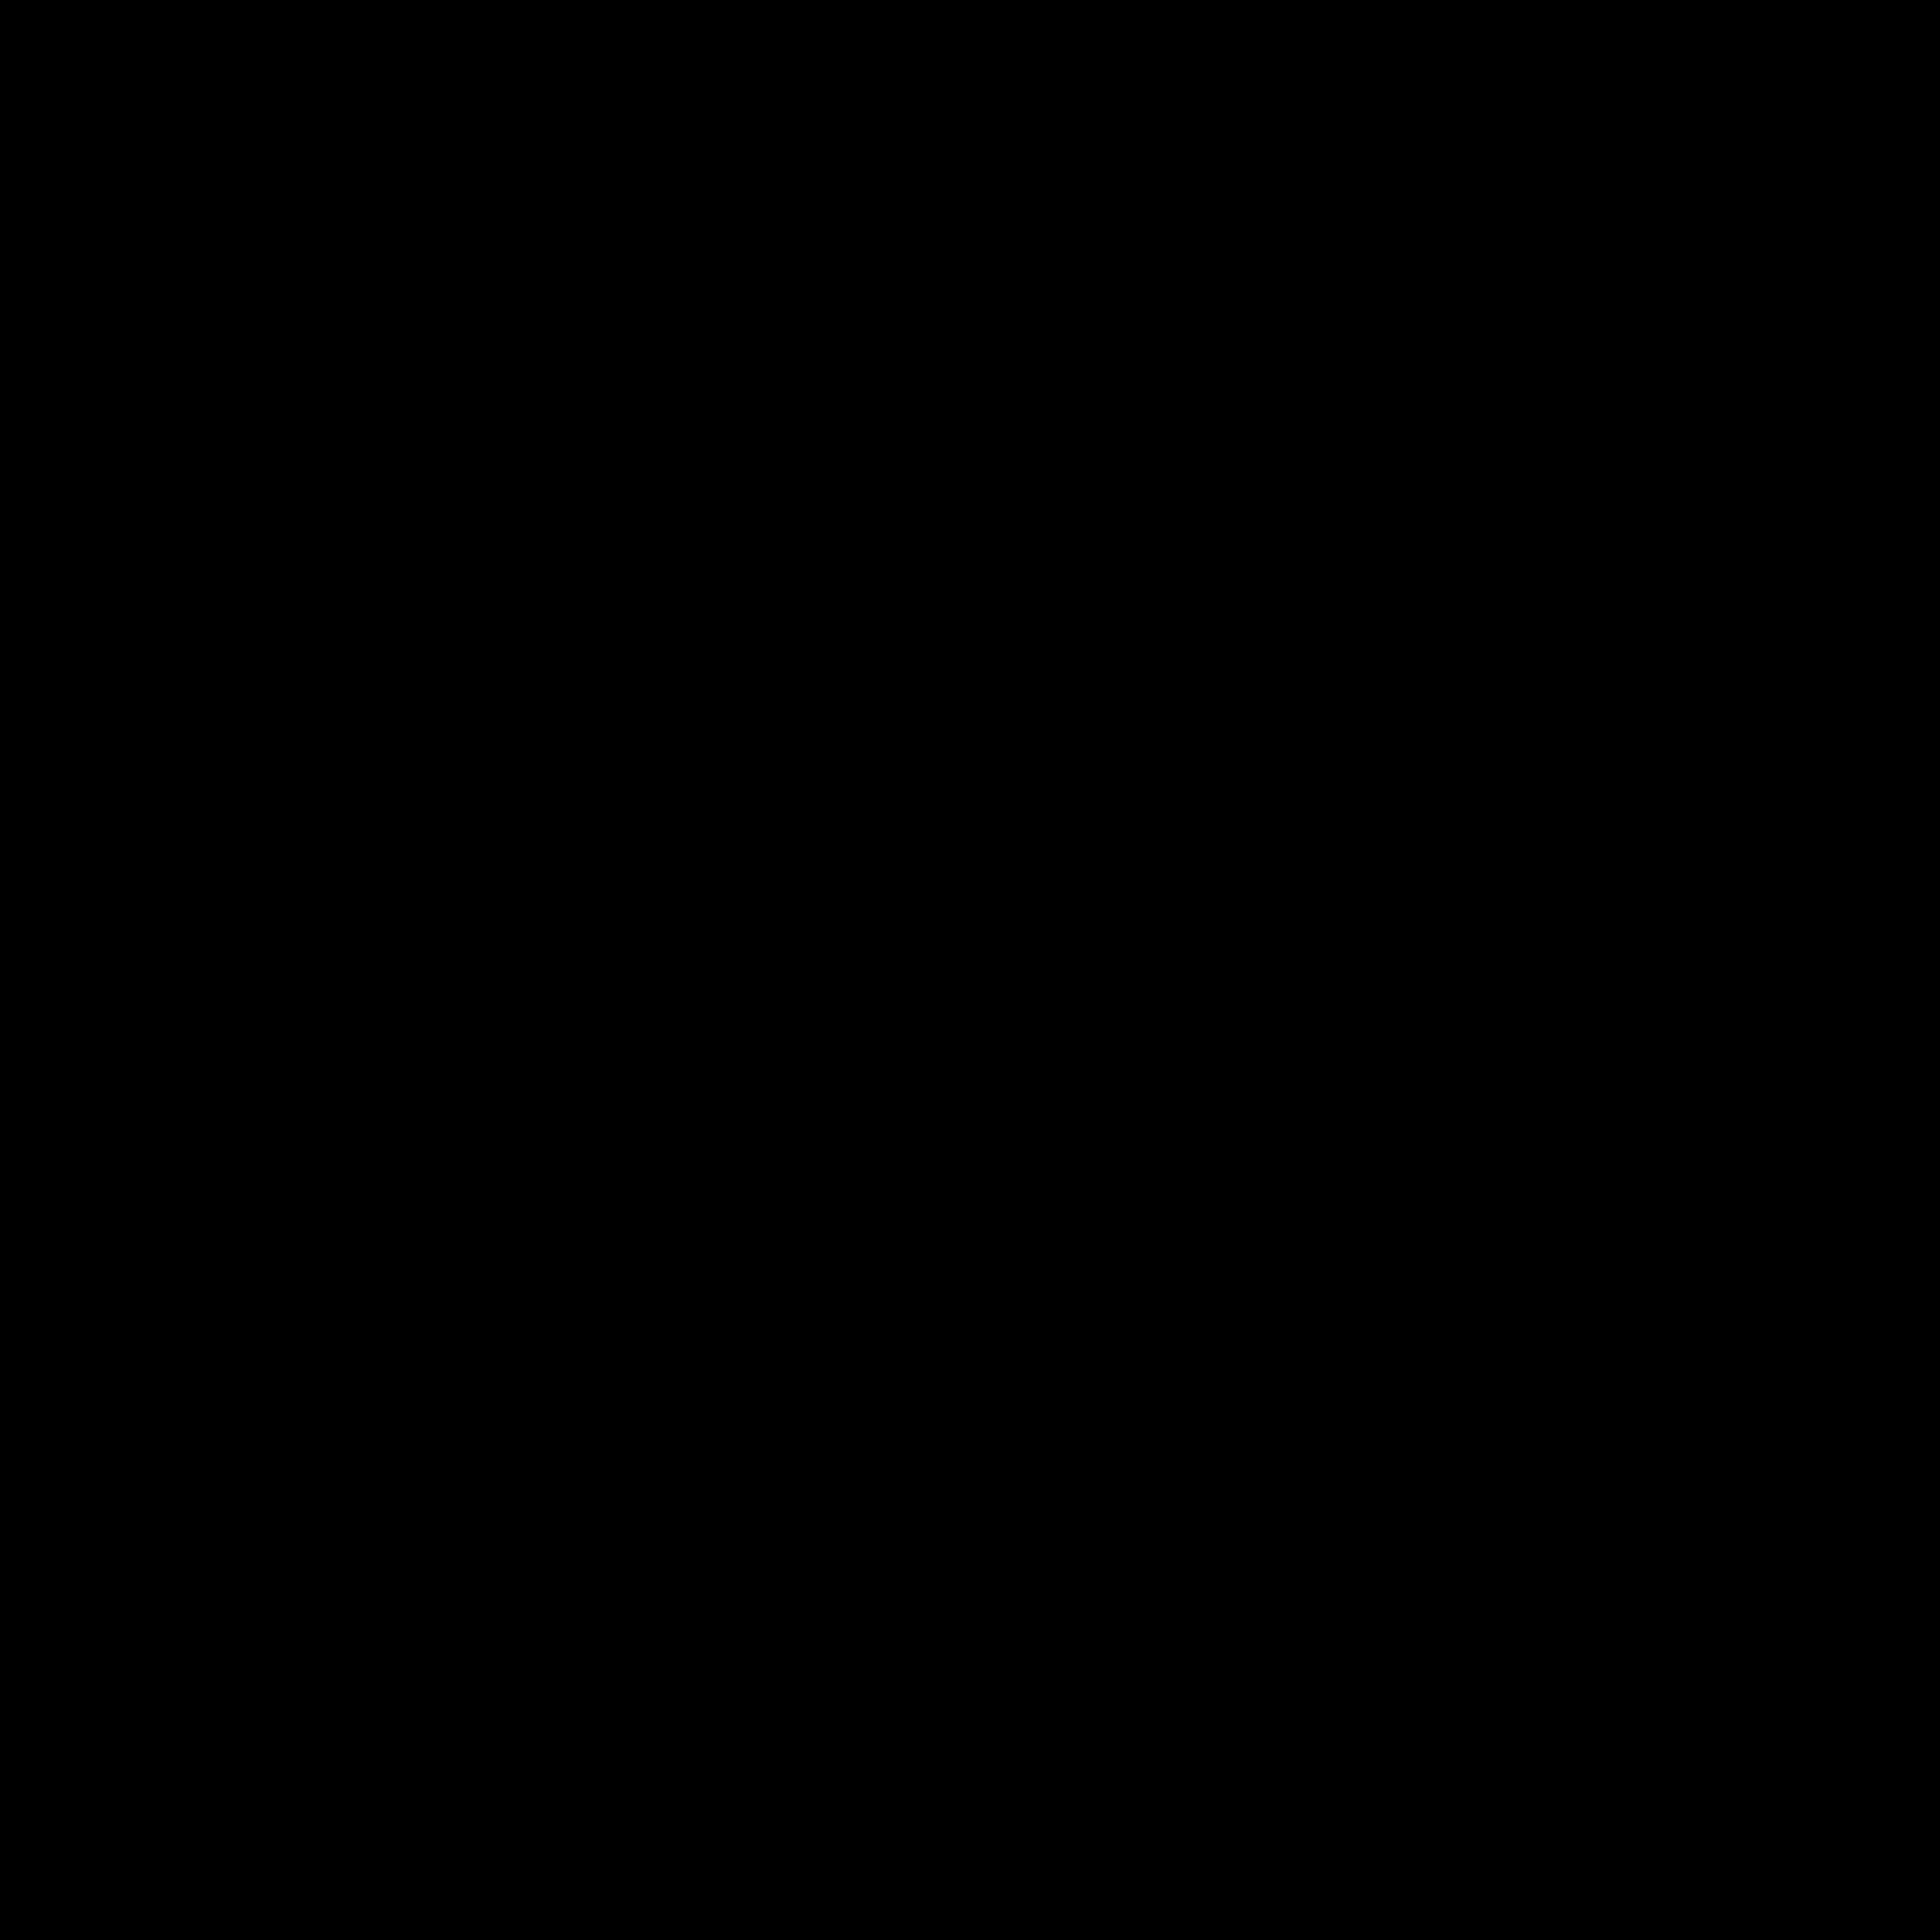 Custom Printed Gift Wrap and Ribbon - Sarah Hearts